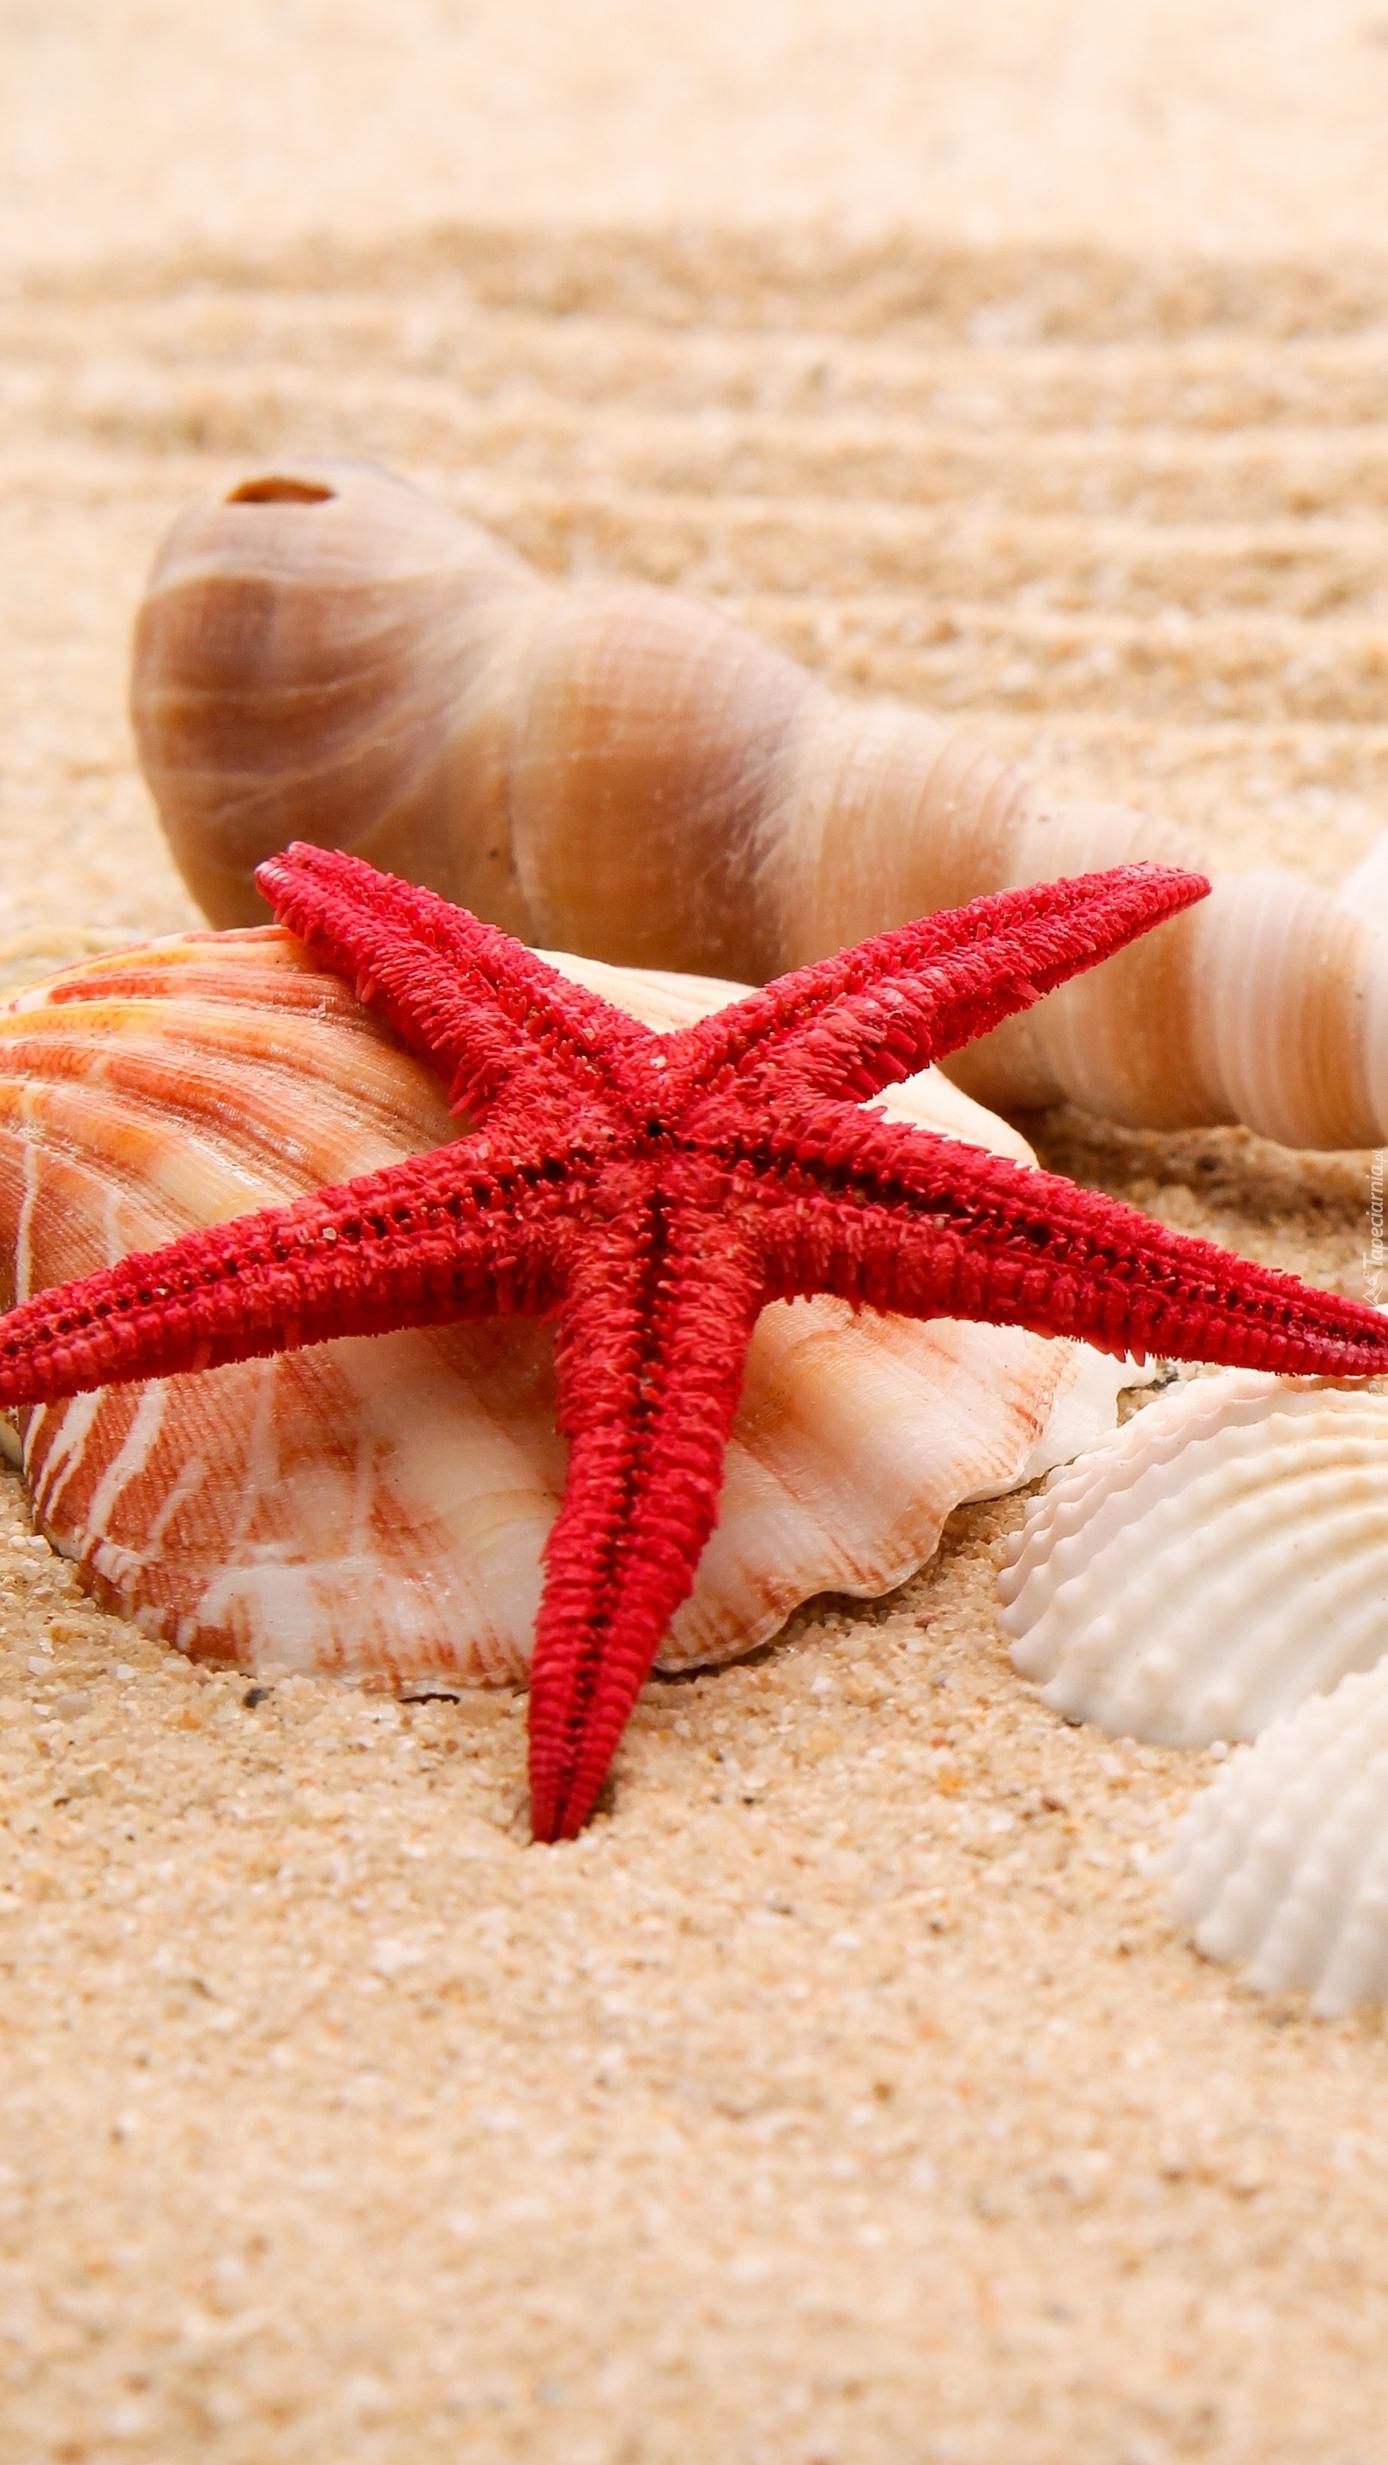 Czerwona rozgwiazda i muszelki na piasku